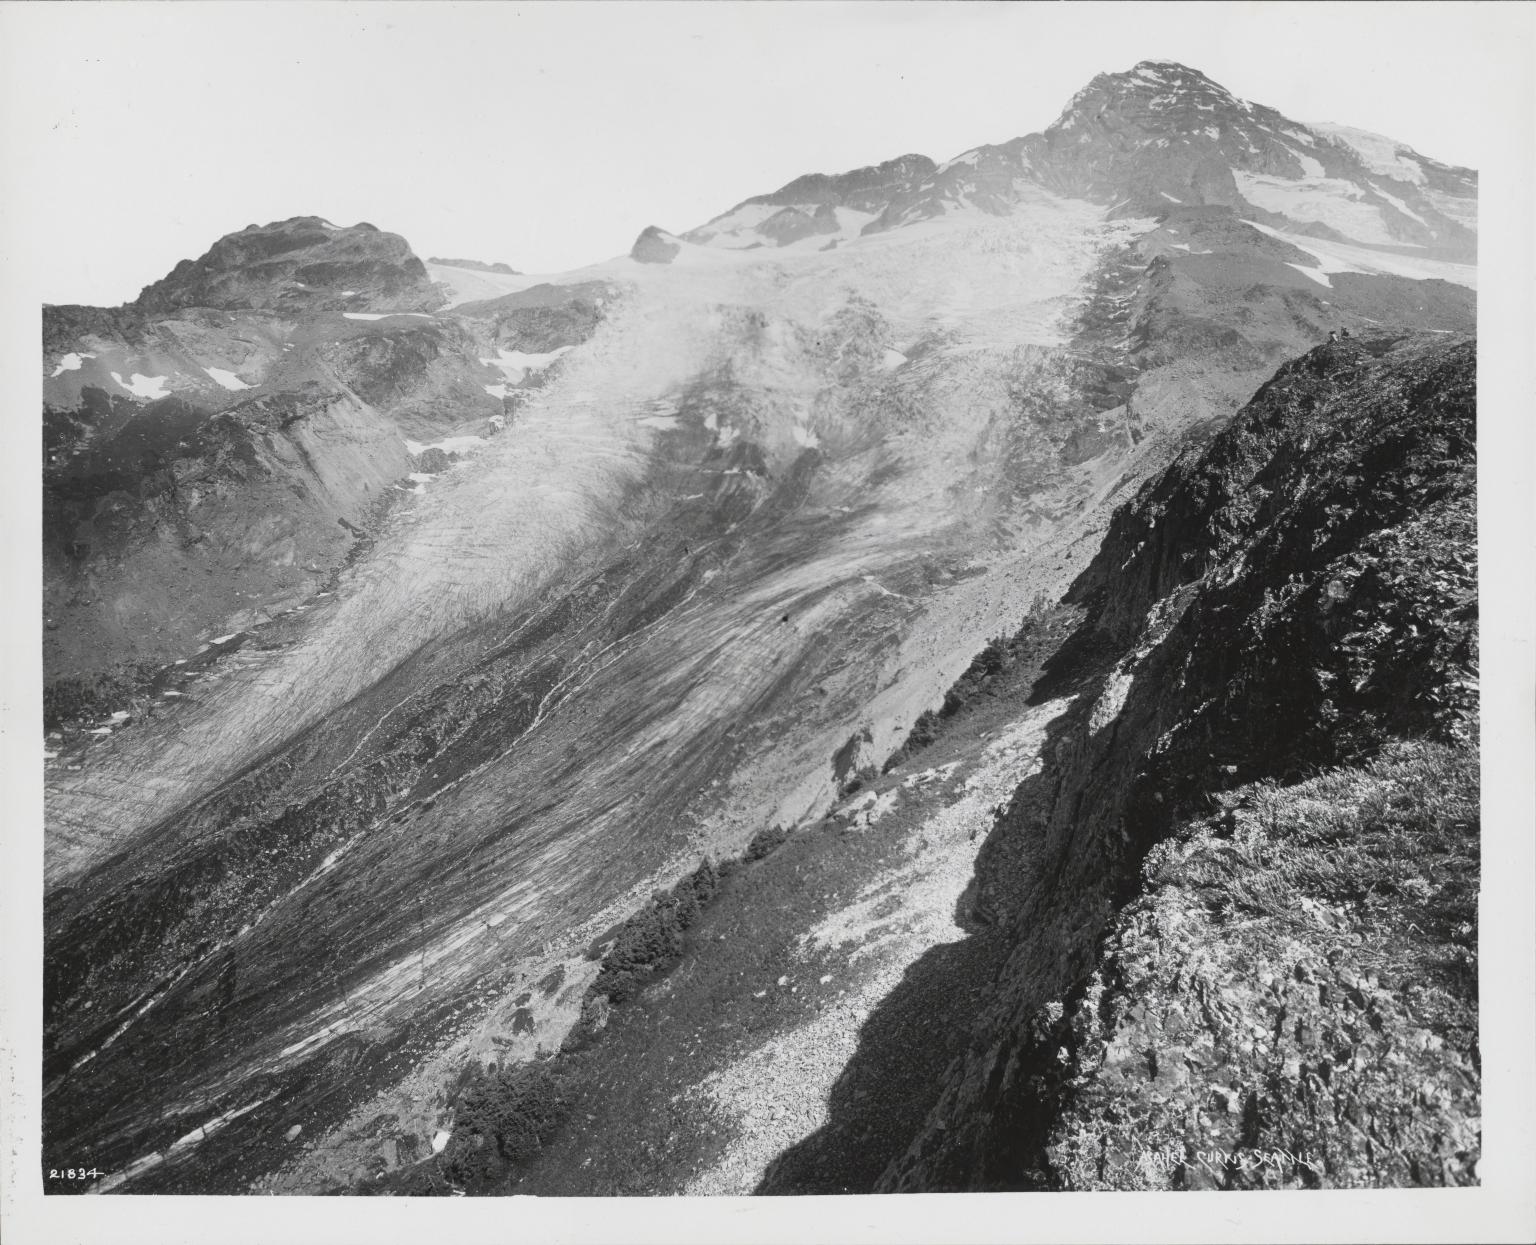 South Tahoma Glacier, Washington